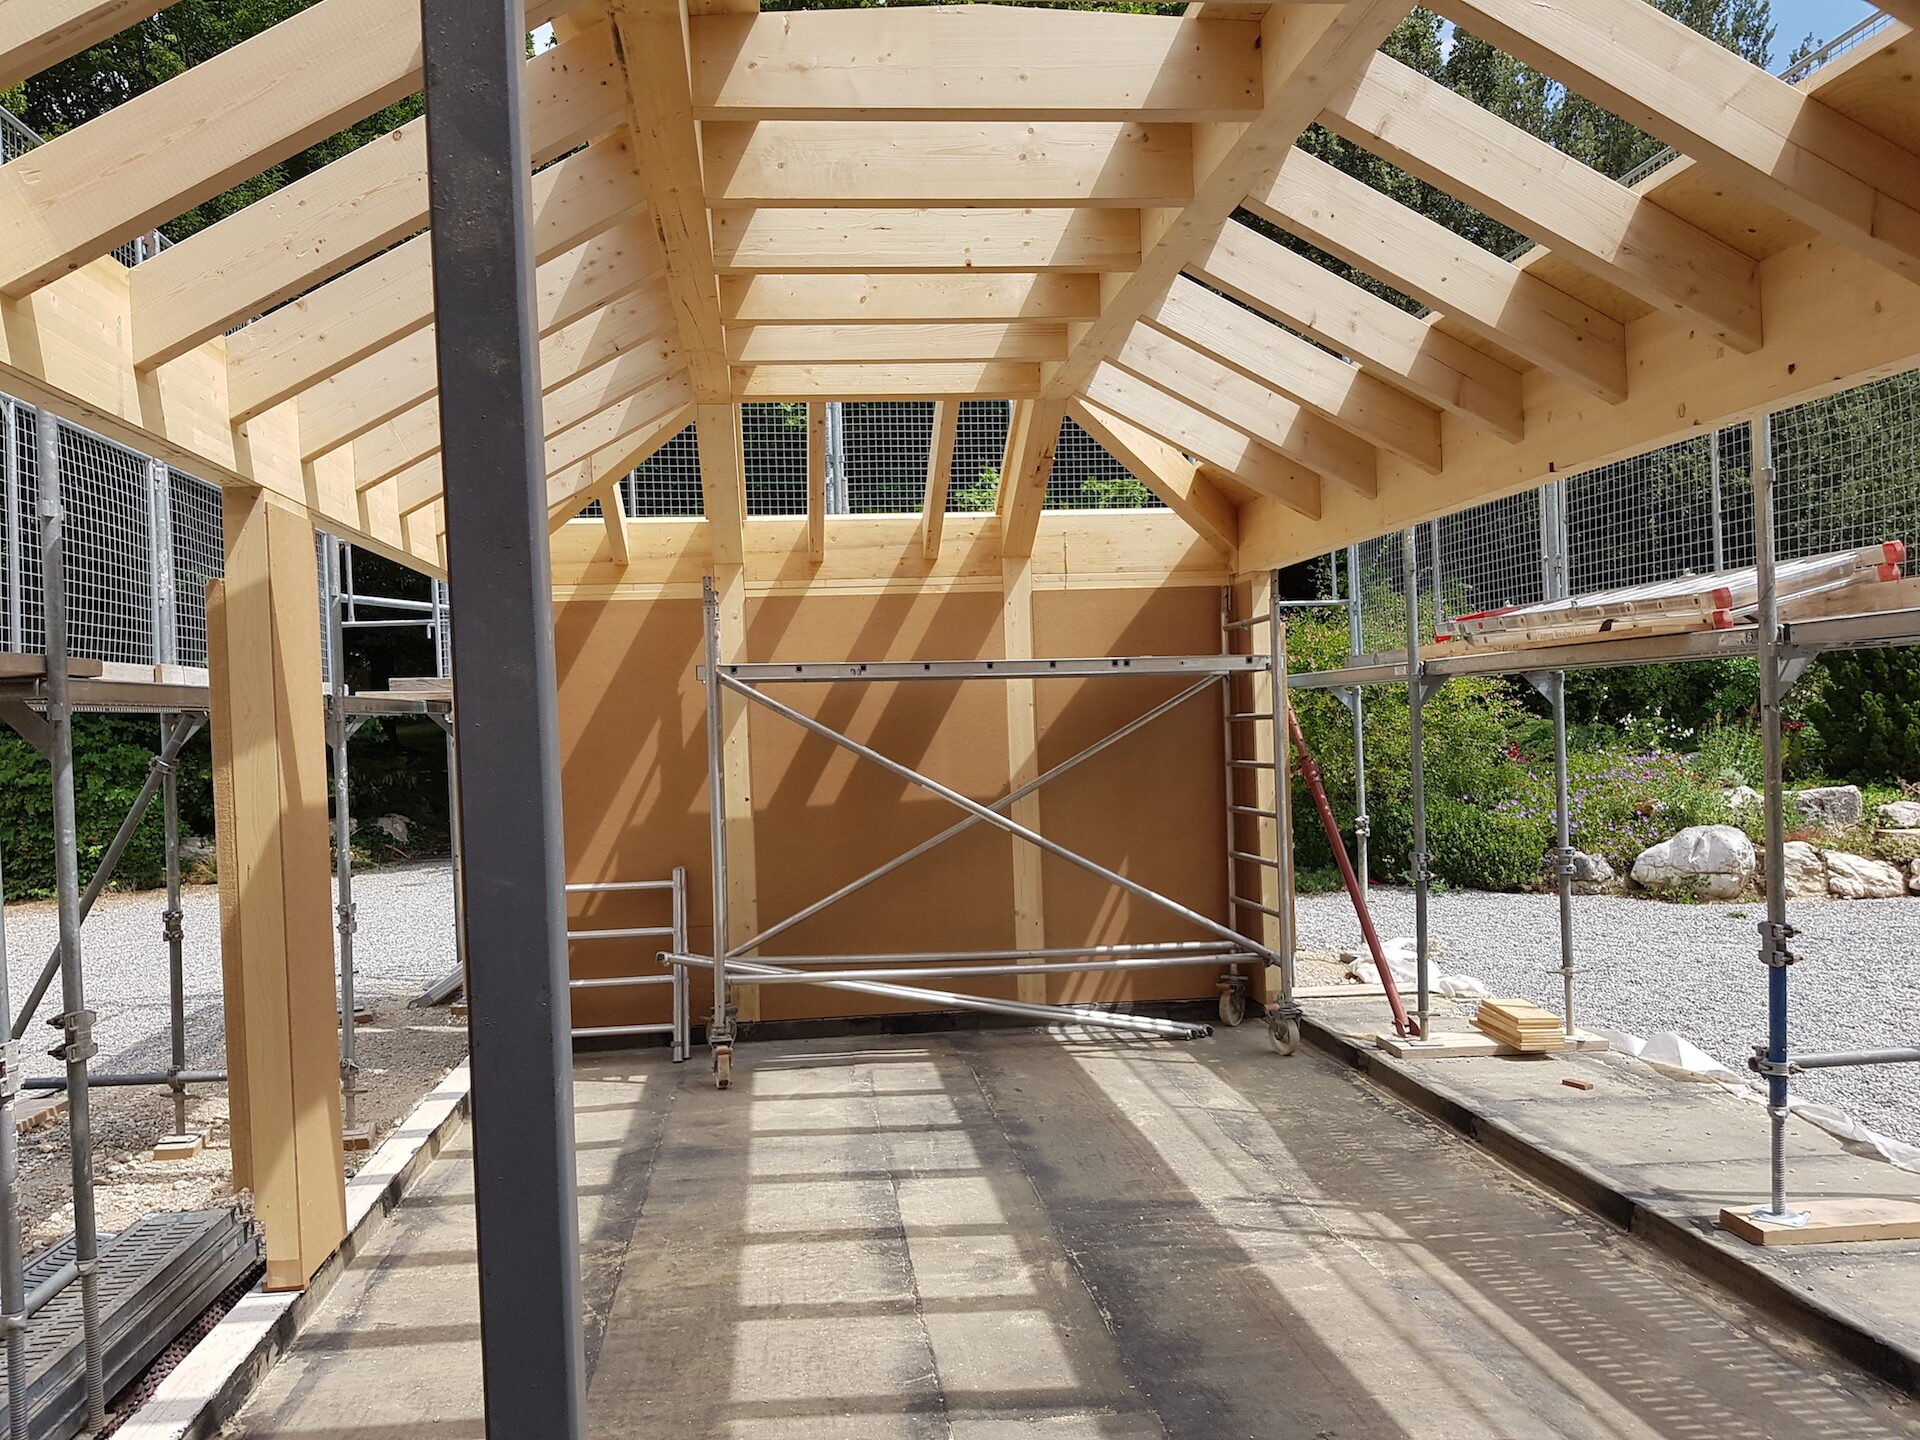 CSDK Construction préfabriquée en bois 5 1920x1440 - Engagement durable - CSDK Construction préfabriquée en bois 5 1920x1440